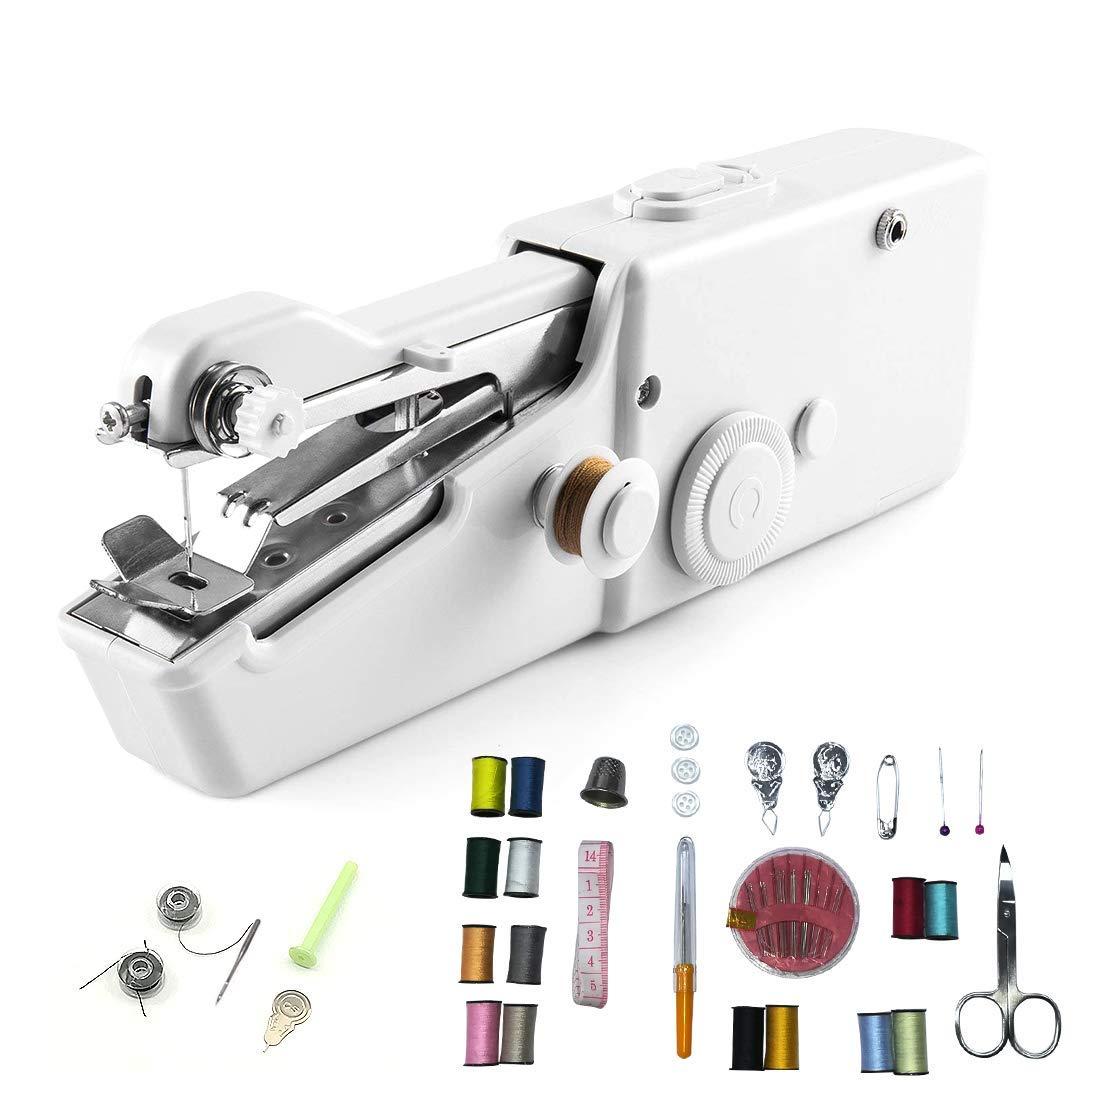 Handheld Strumento di Cucitura Rapida con Set da Cucito per Viaggi e casa YOMYM Mini Macchina da Cucire Portatile